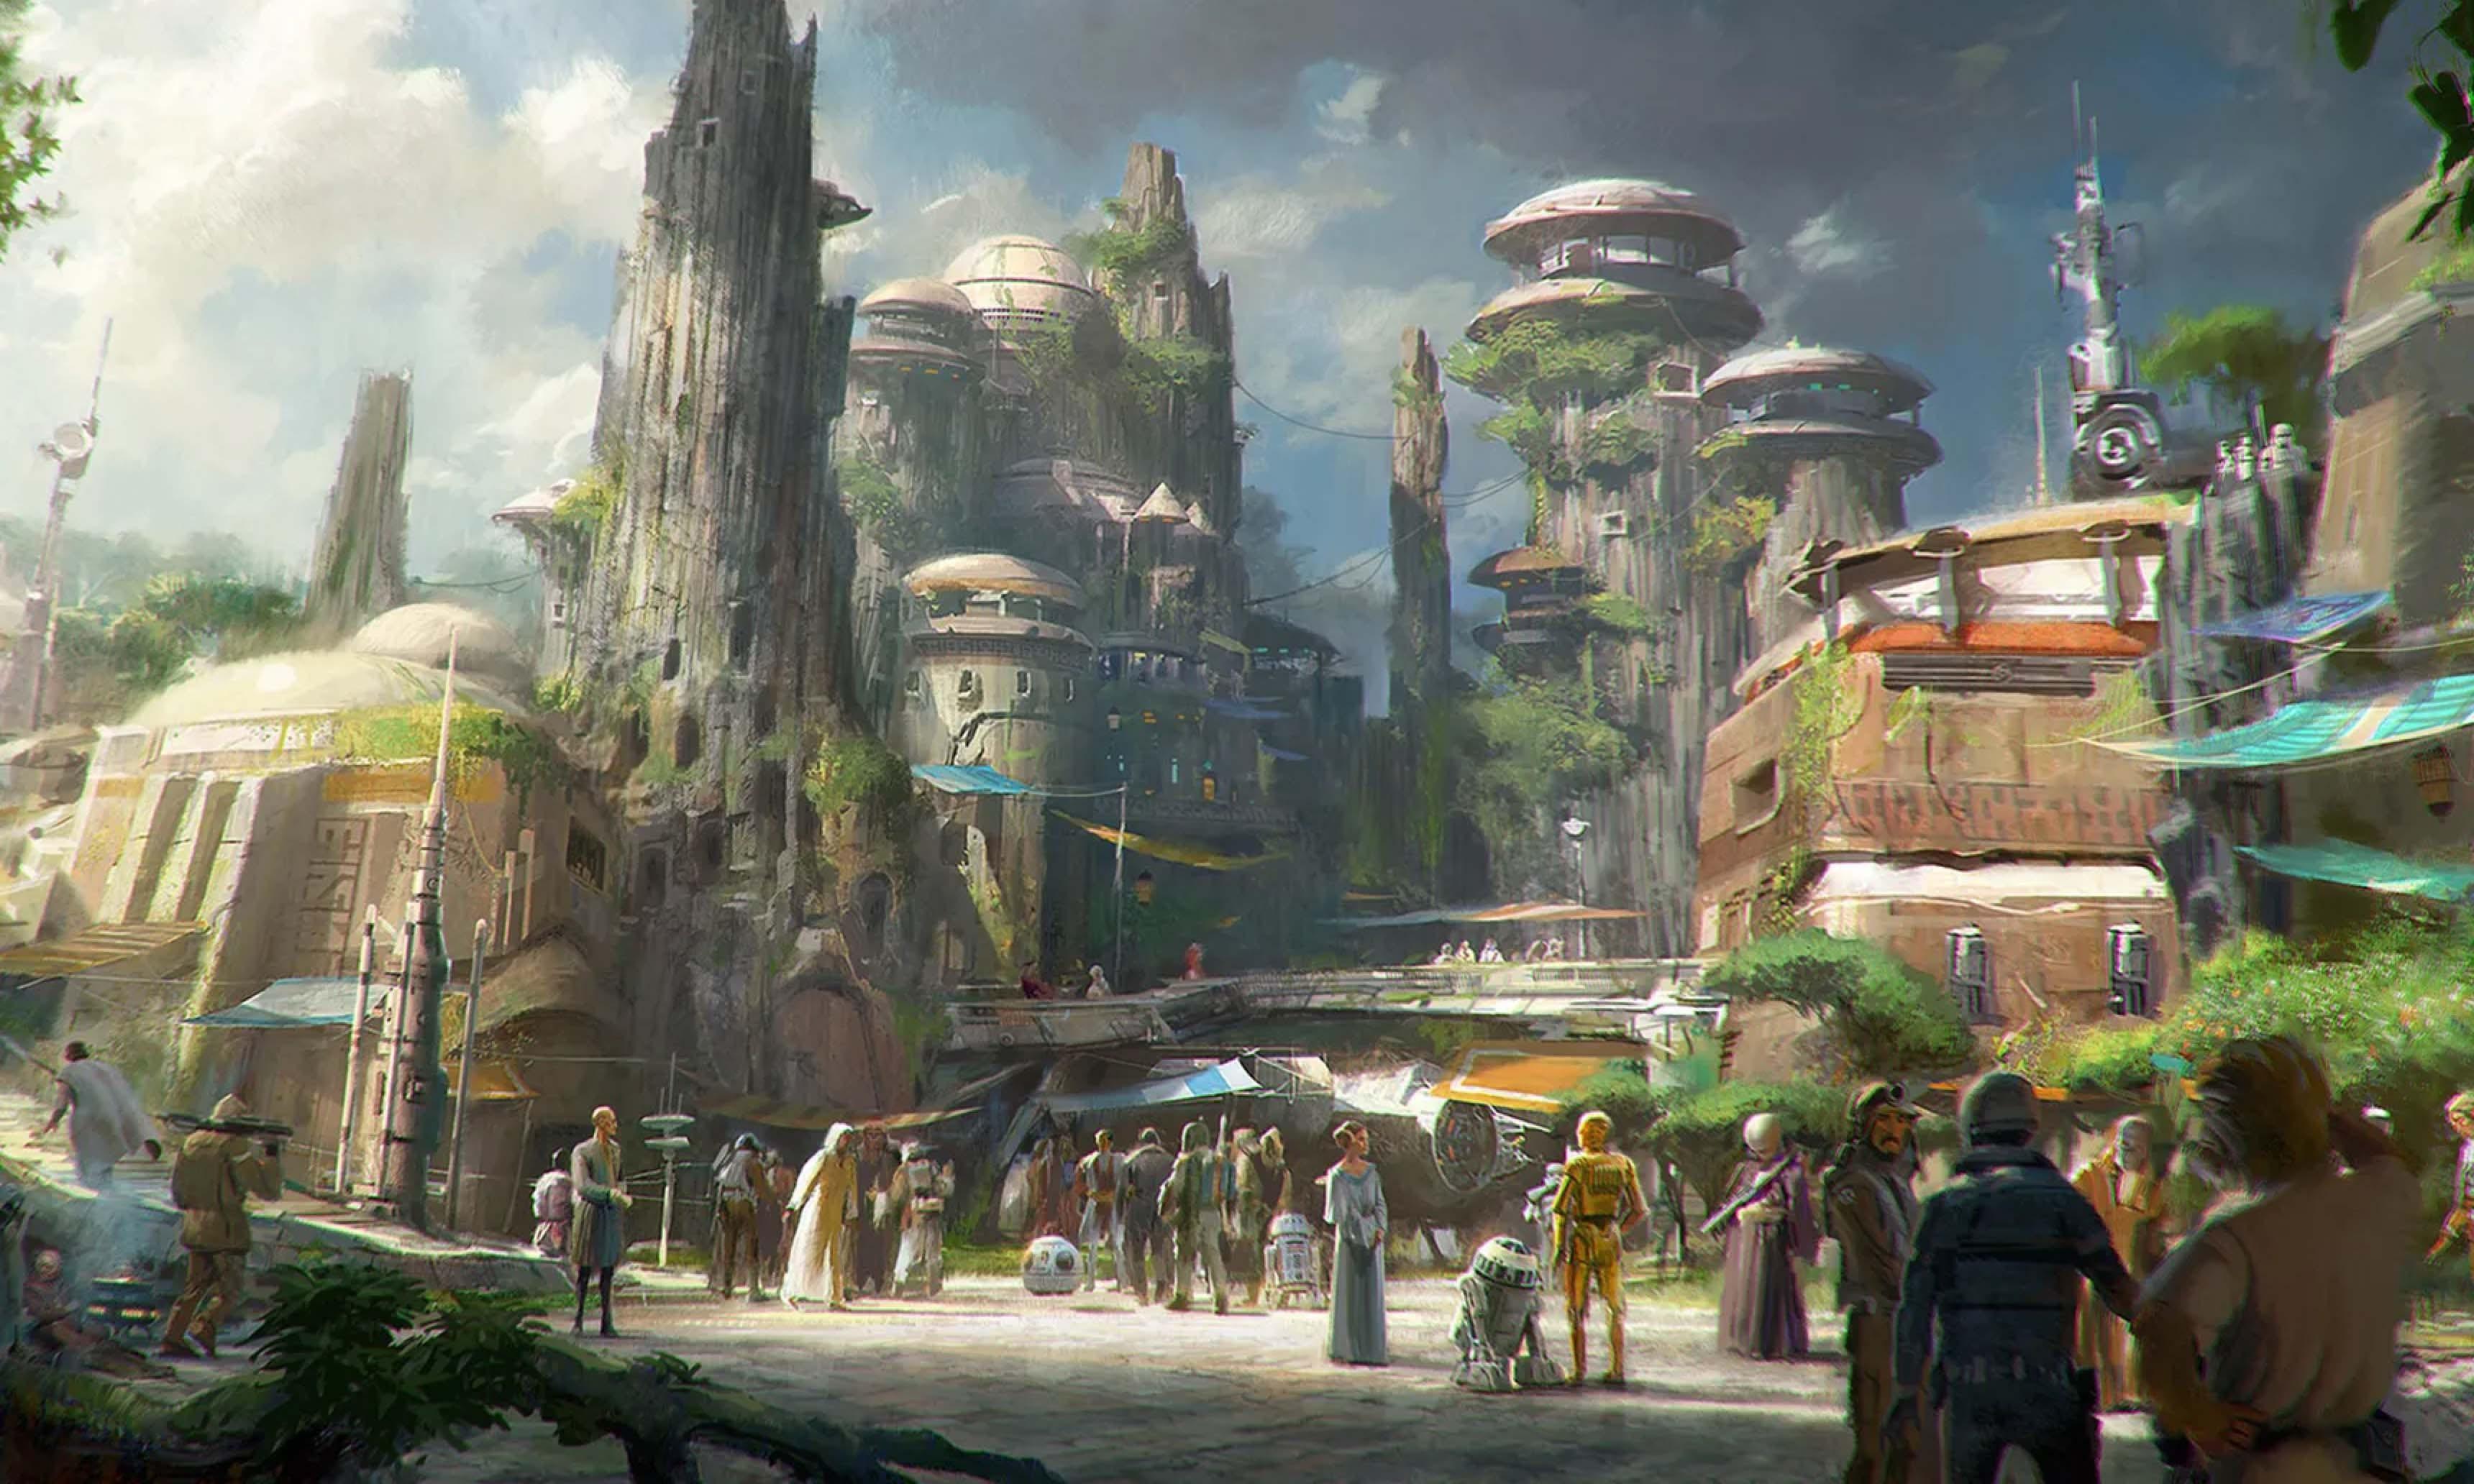 迪士尼宣布阿凡达主题公园今夏开幕,星战主题公园也在计划当中